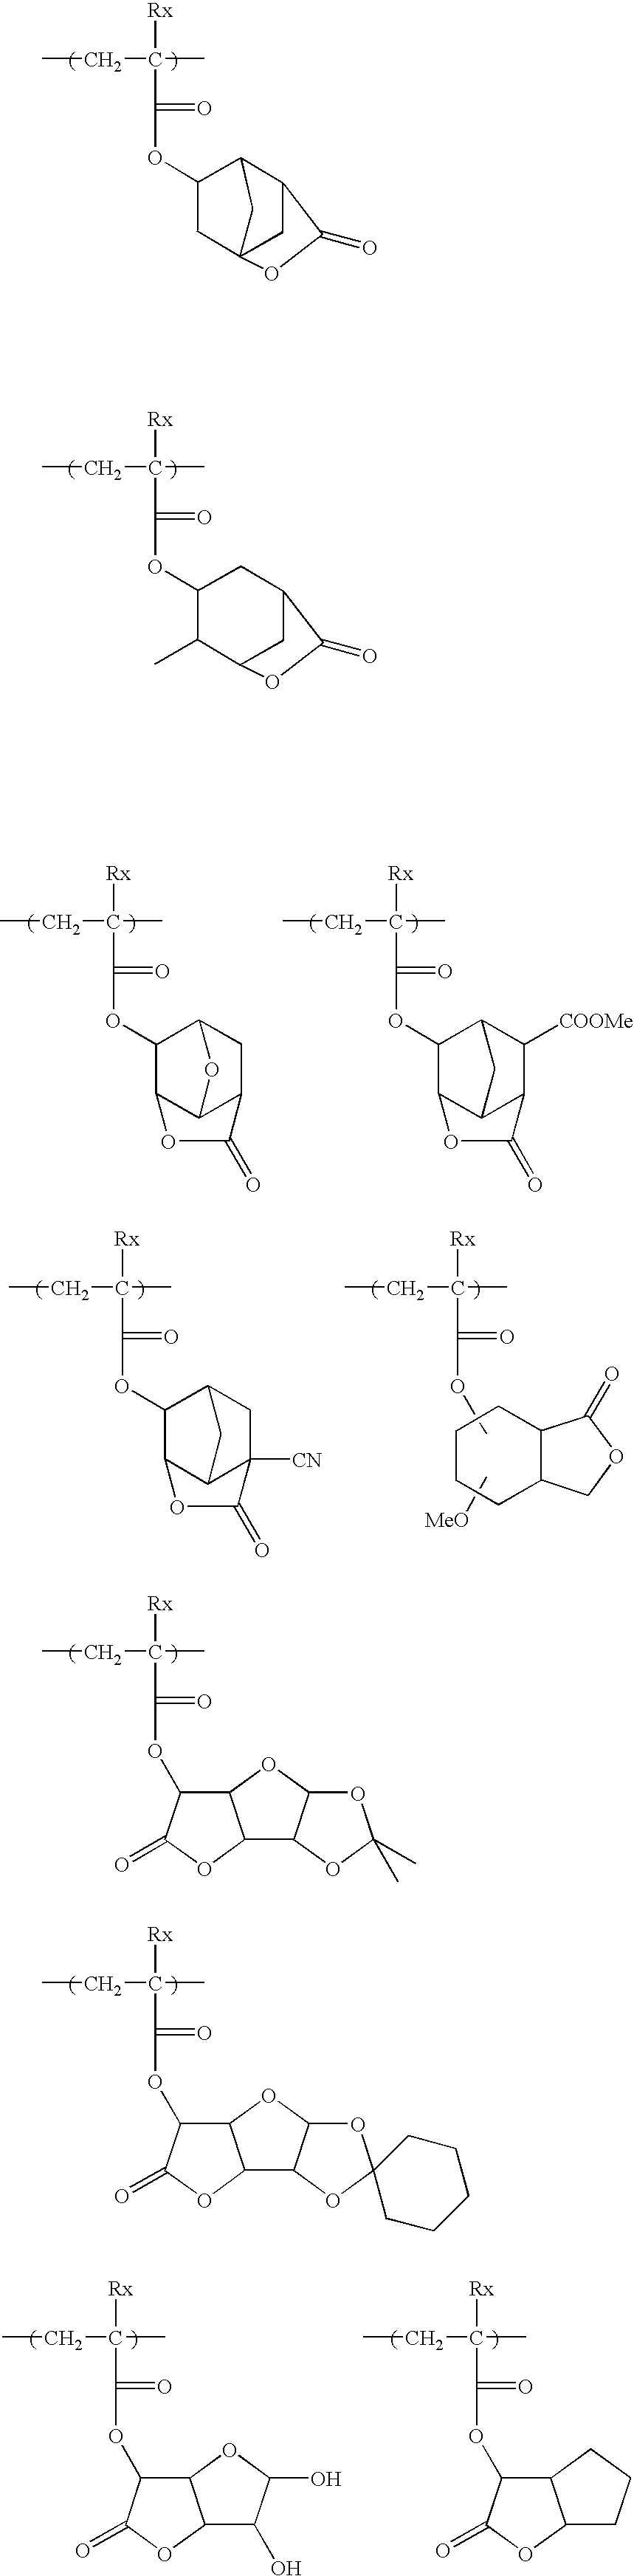 Figure US07985534-20110726-C00030